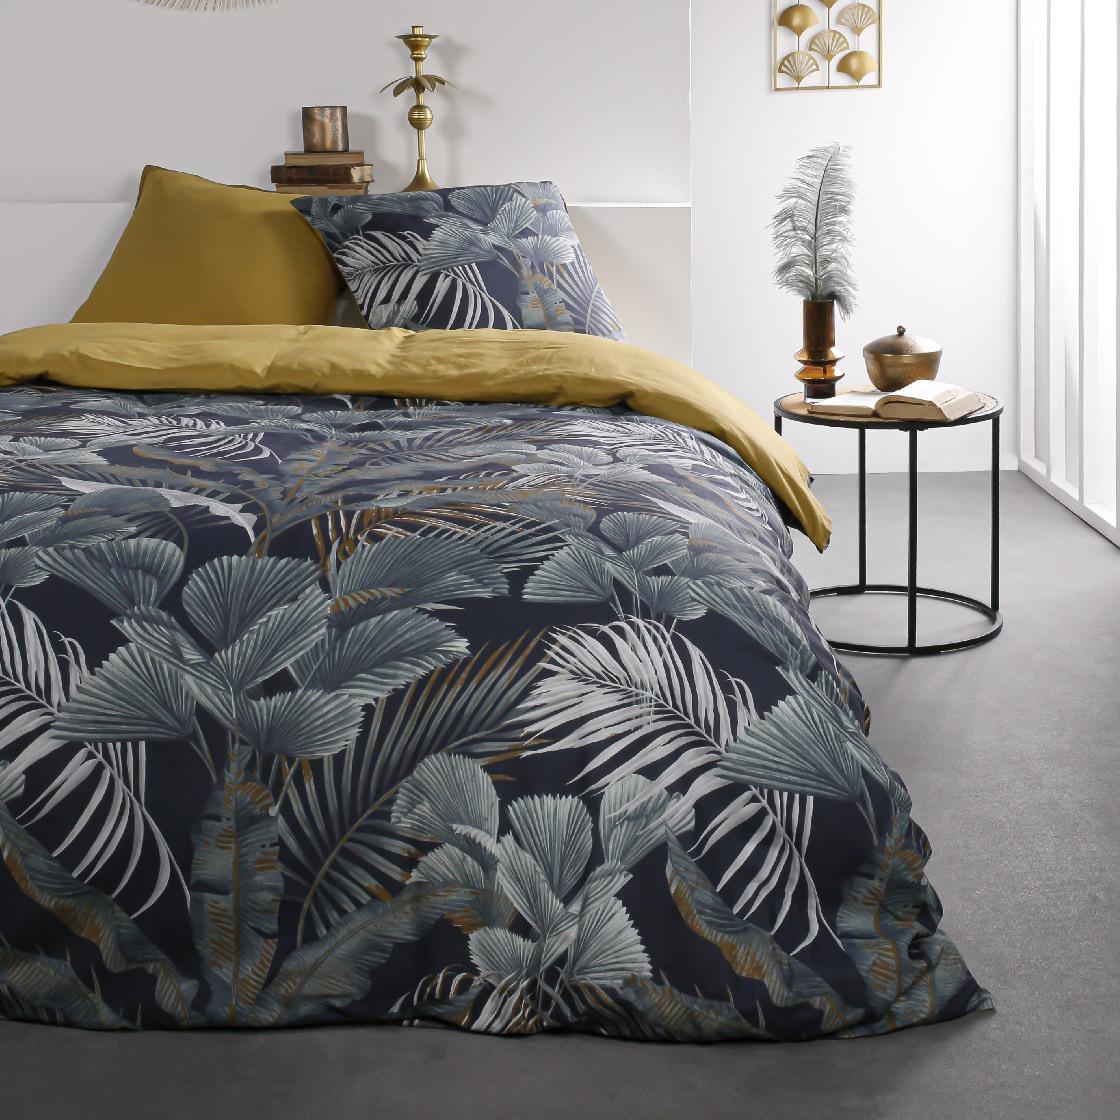 Parure de lit 2 personnes imprimé jungle en Coton Bleu 240x260 cm